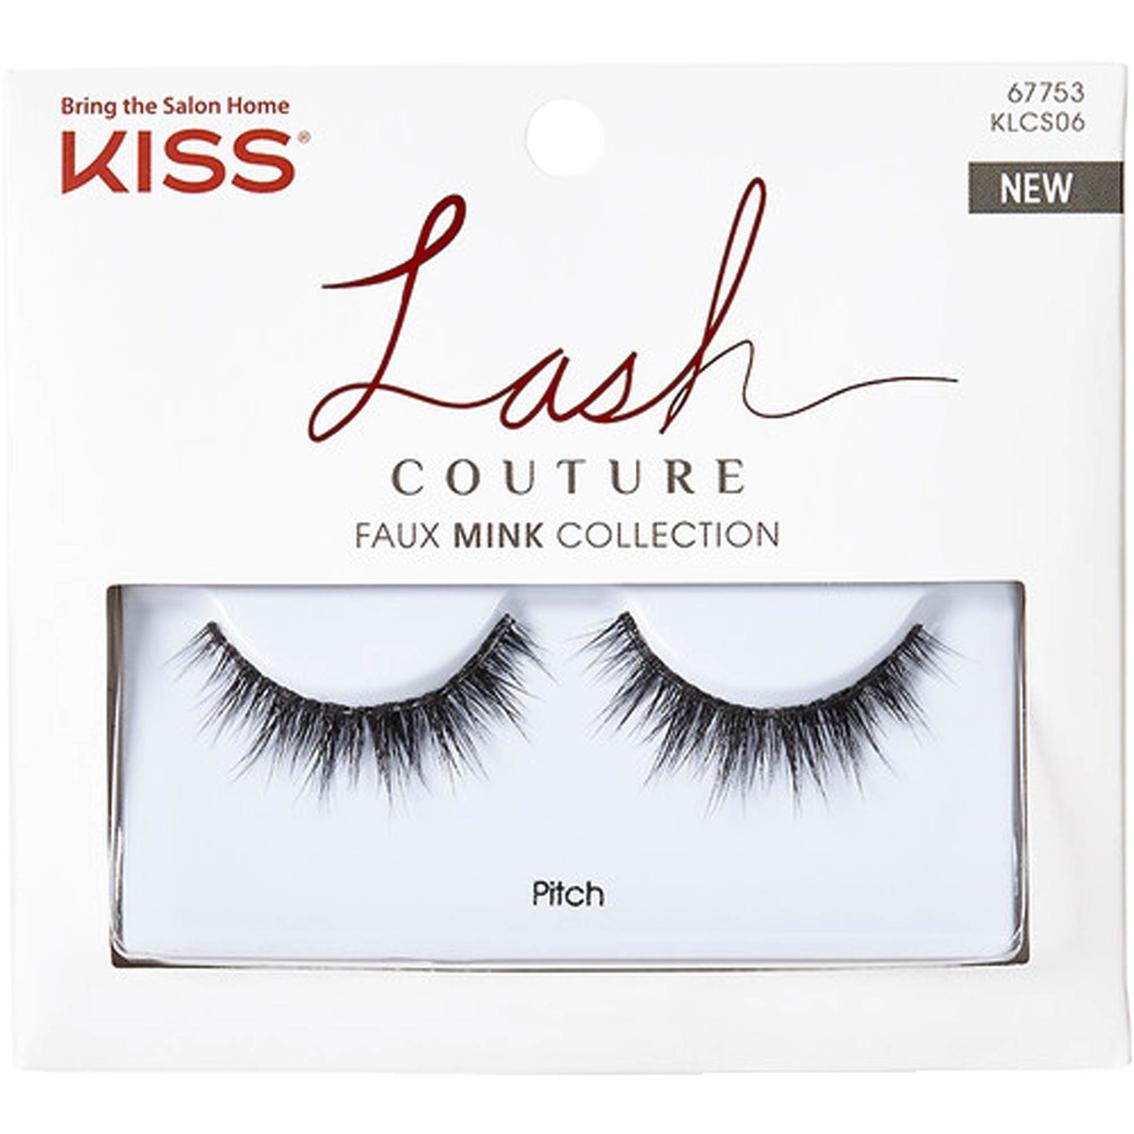 4bd147aff42 Kiss Lash Couture Faux Mink Collection, Pitch   Lash Treatment ...